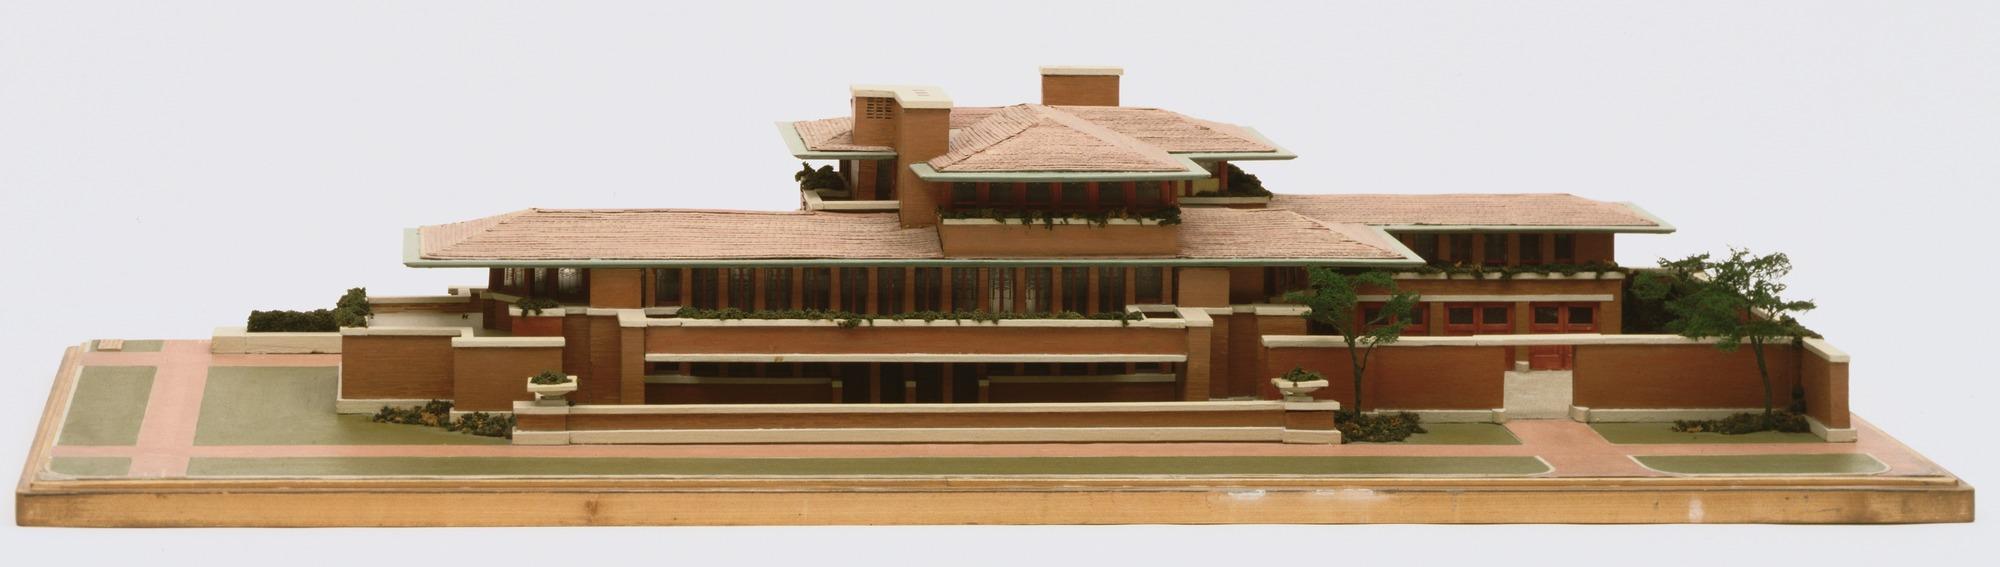 Robbie House frank Lloyd Wright